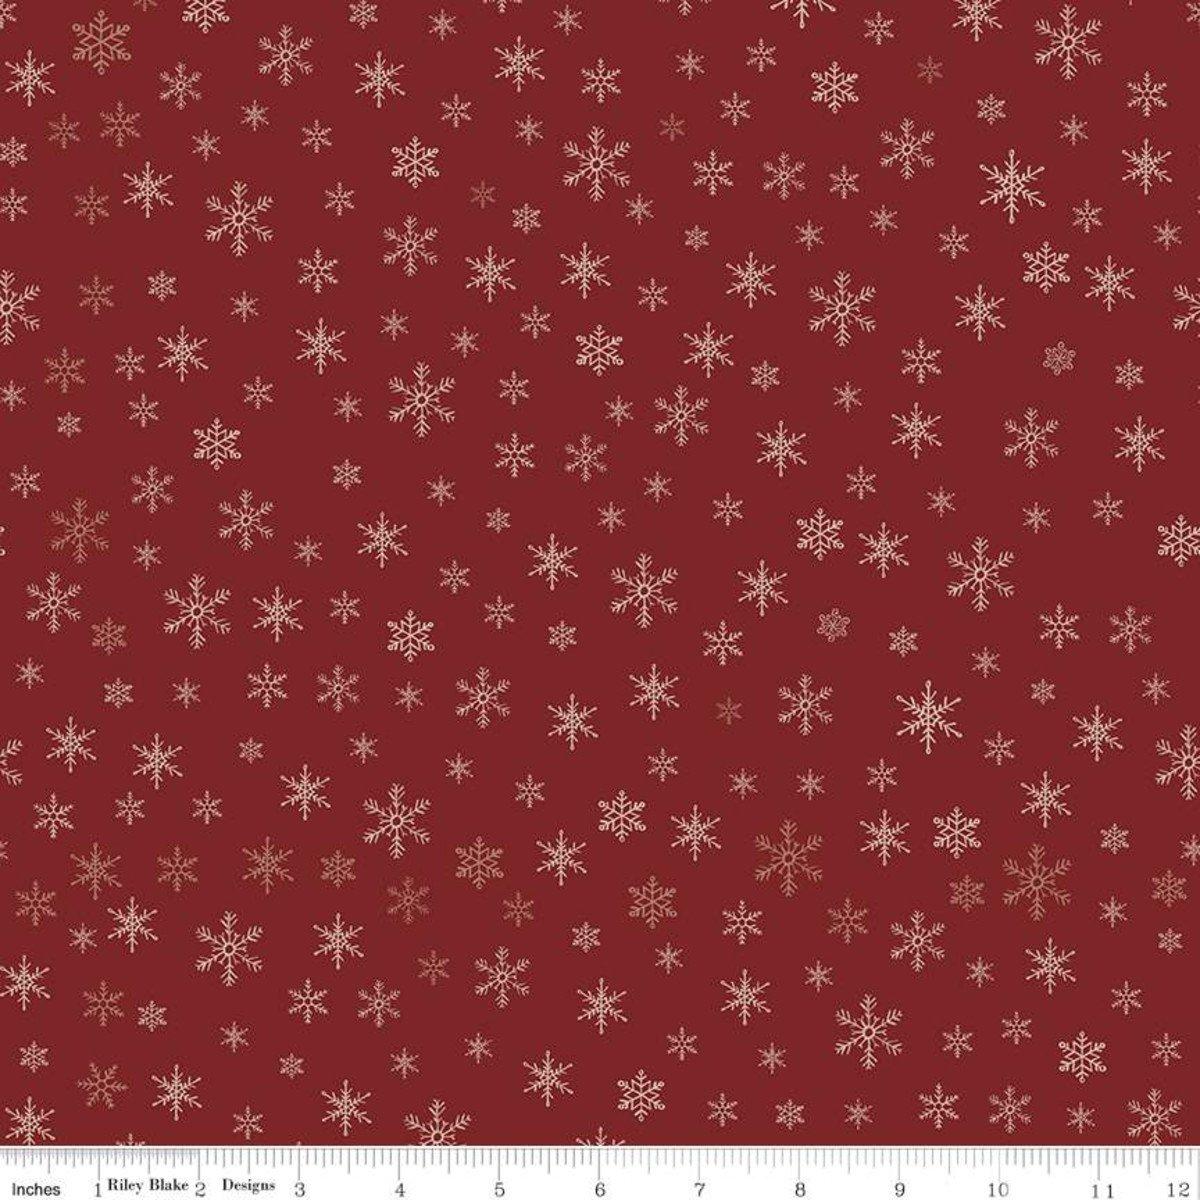 Farmhouse Christmas Snowflakes RED